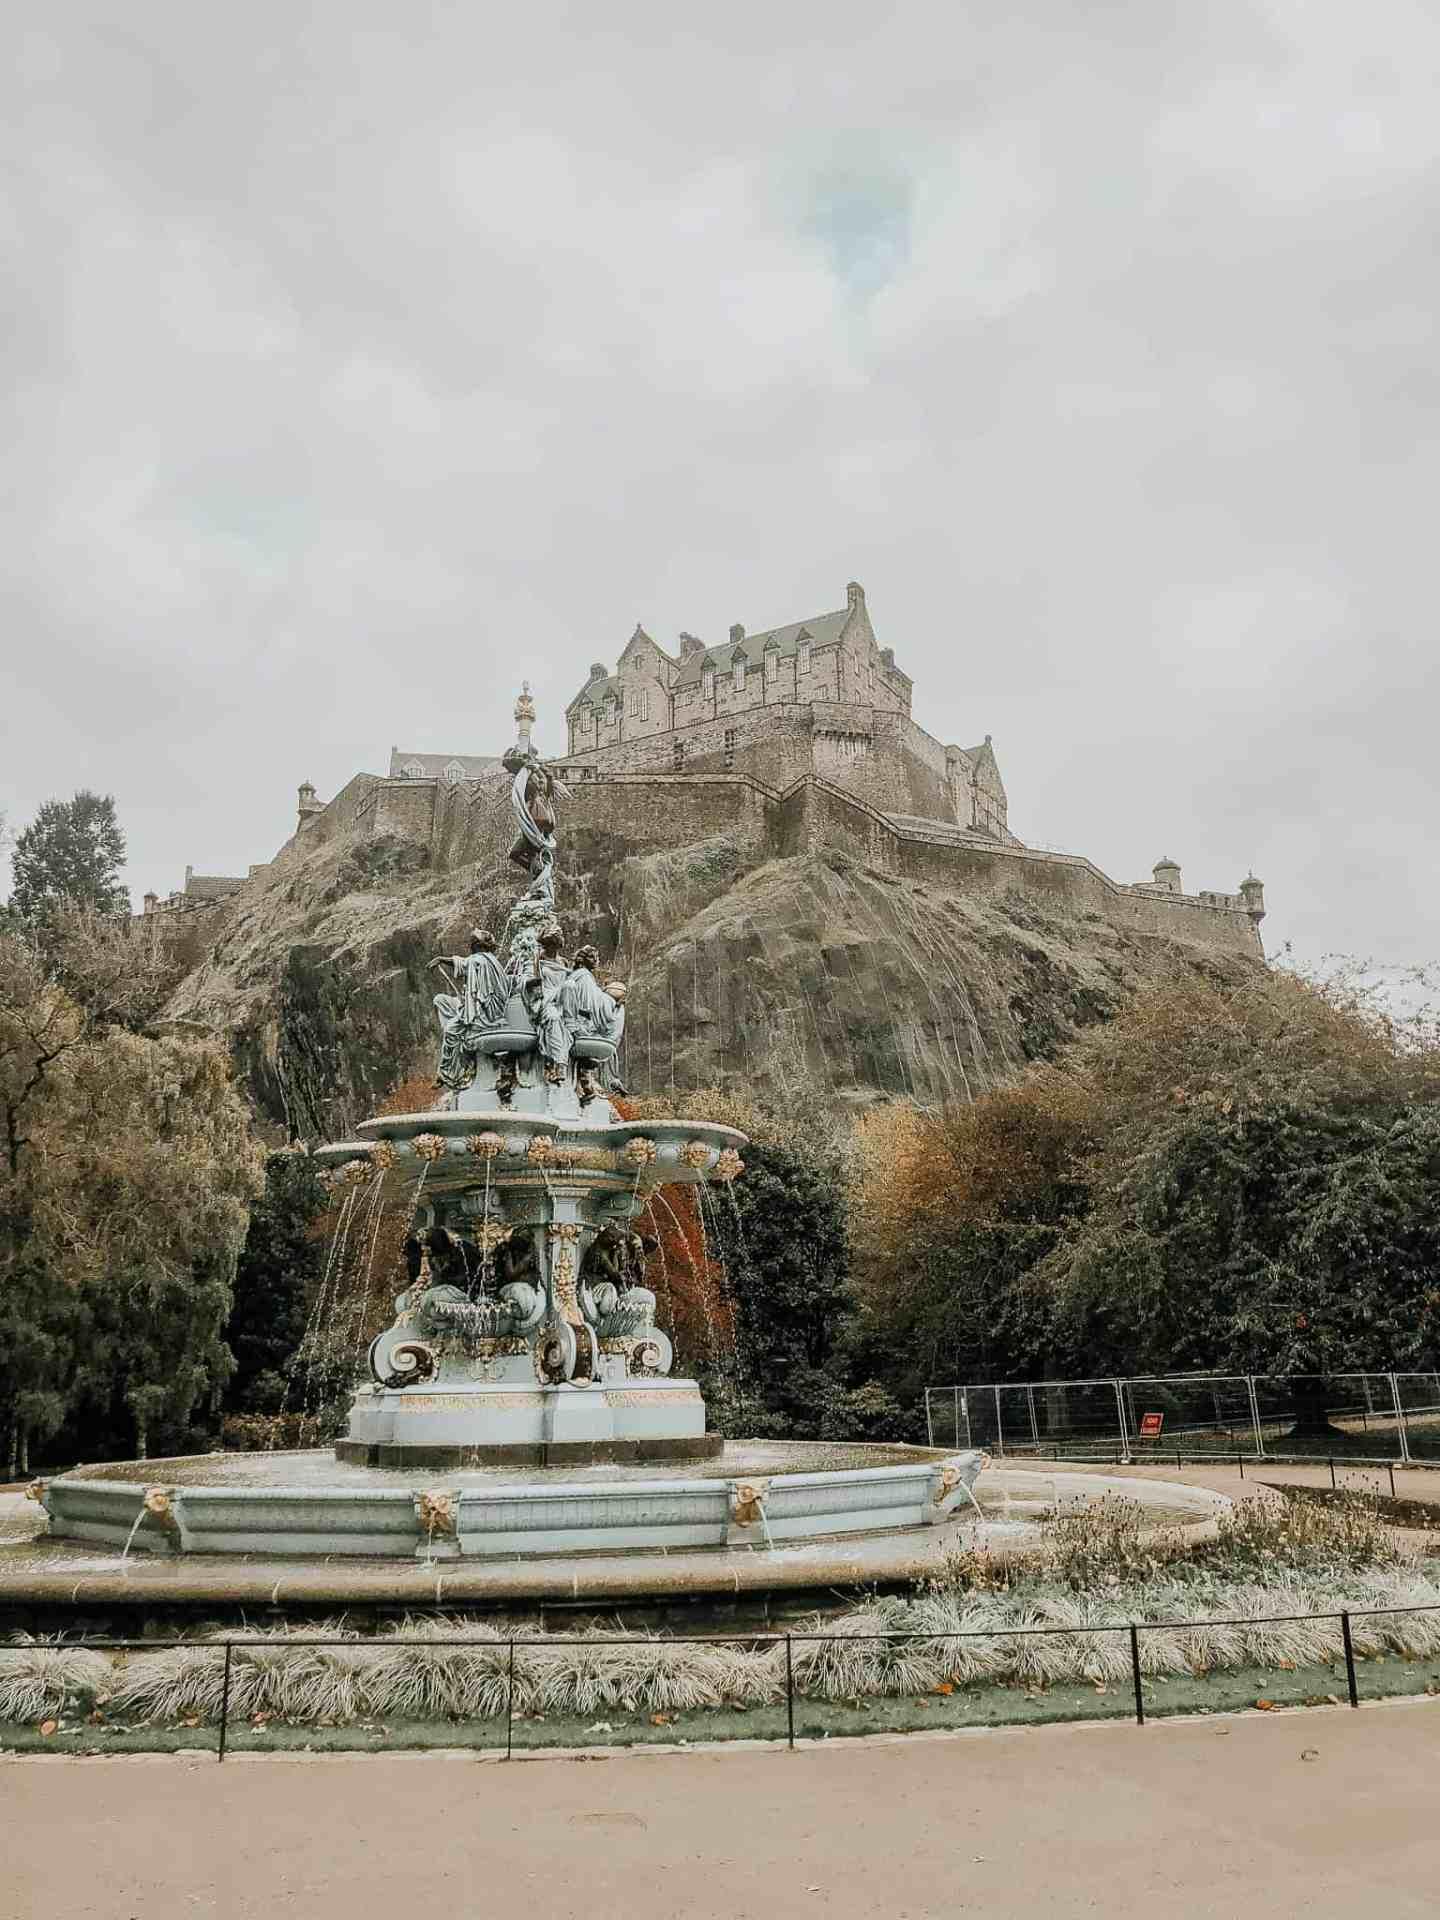 A stop on the Edinburgh free walking tour